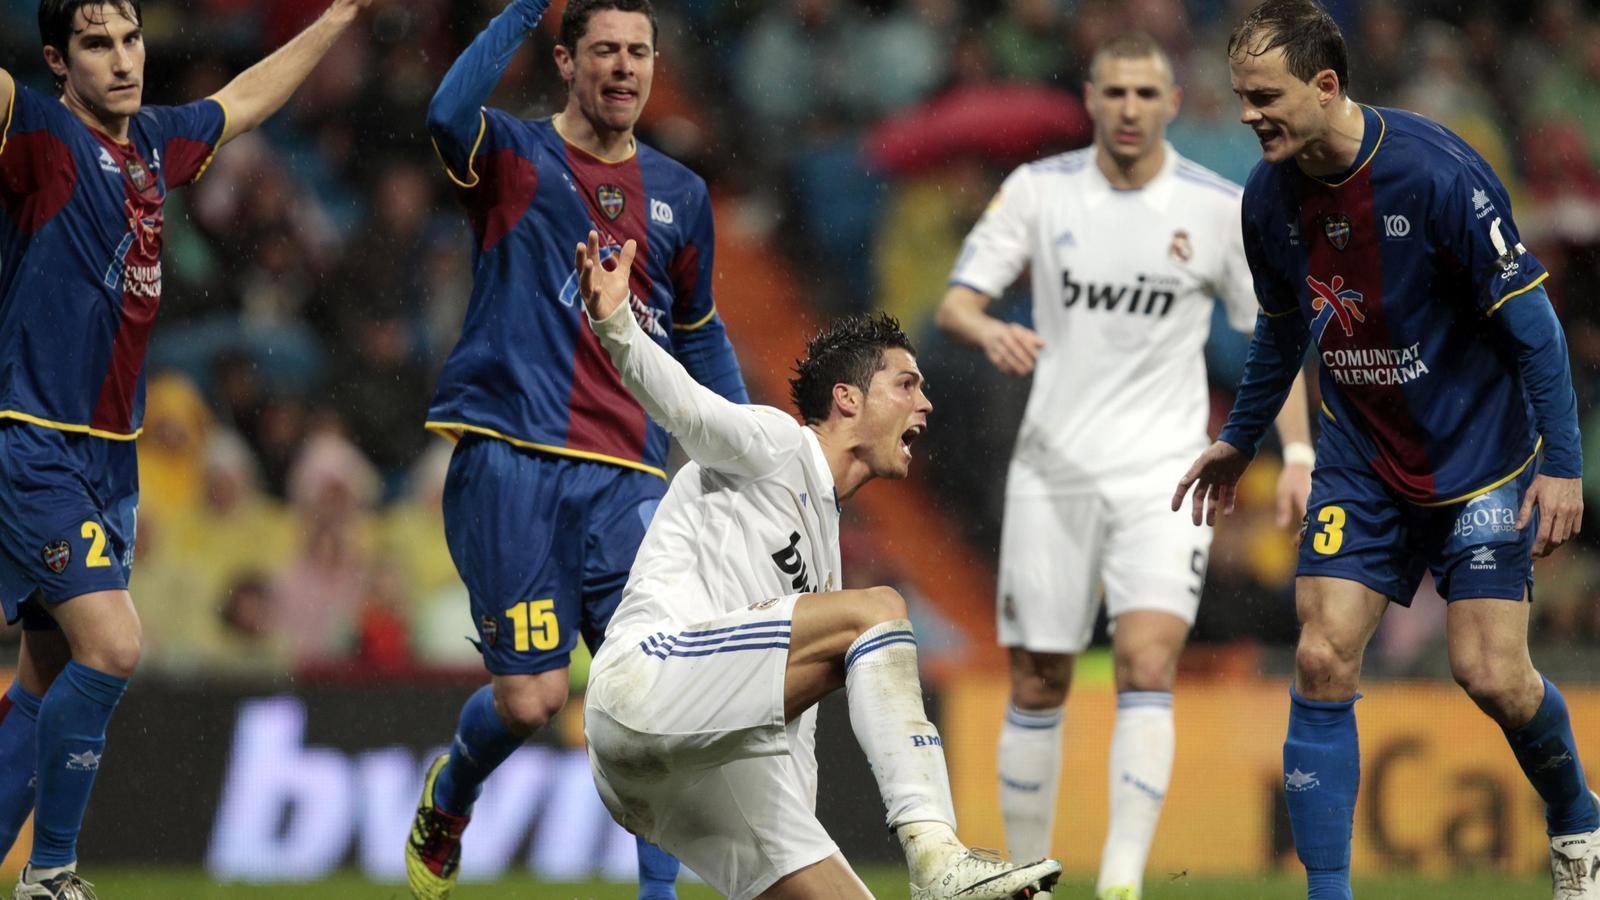 Cristiano Ronaldo reclama una falta, davant la mirada despectiva dels jugadors  del Llevant Asier del Horno i David Cerra. / SUSANA VERA / REUTERS